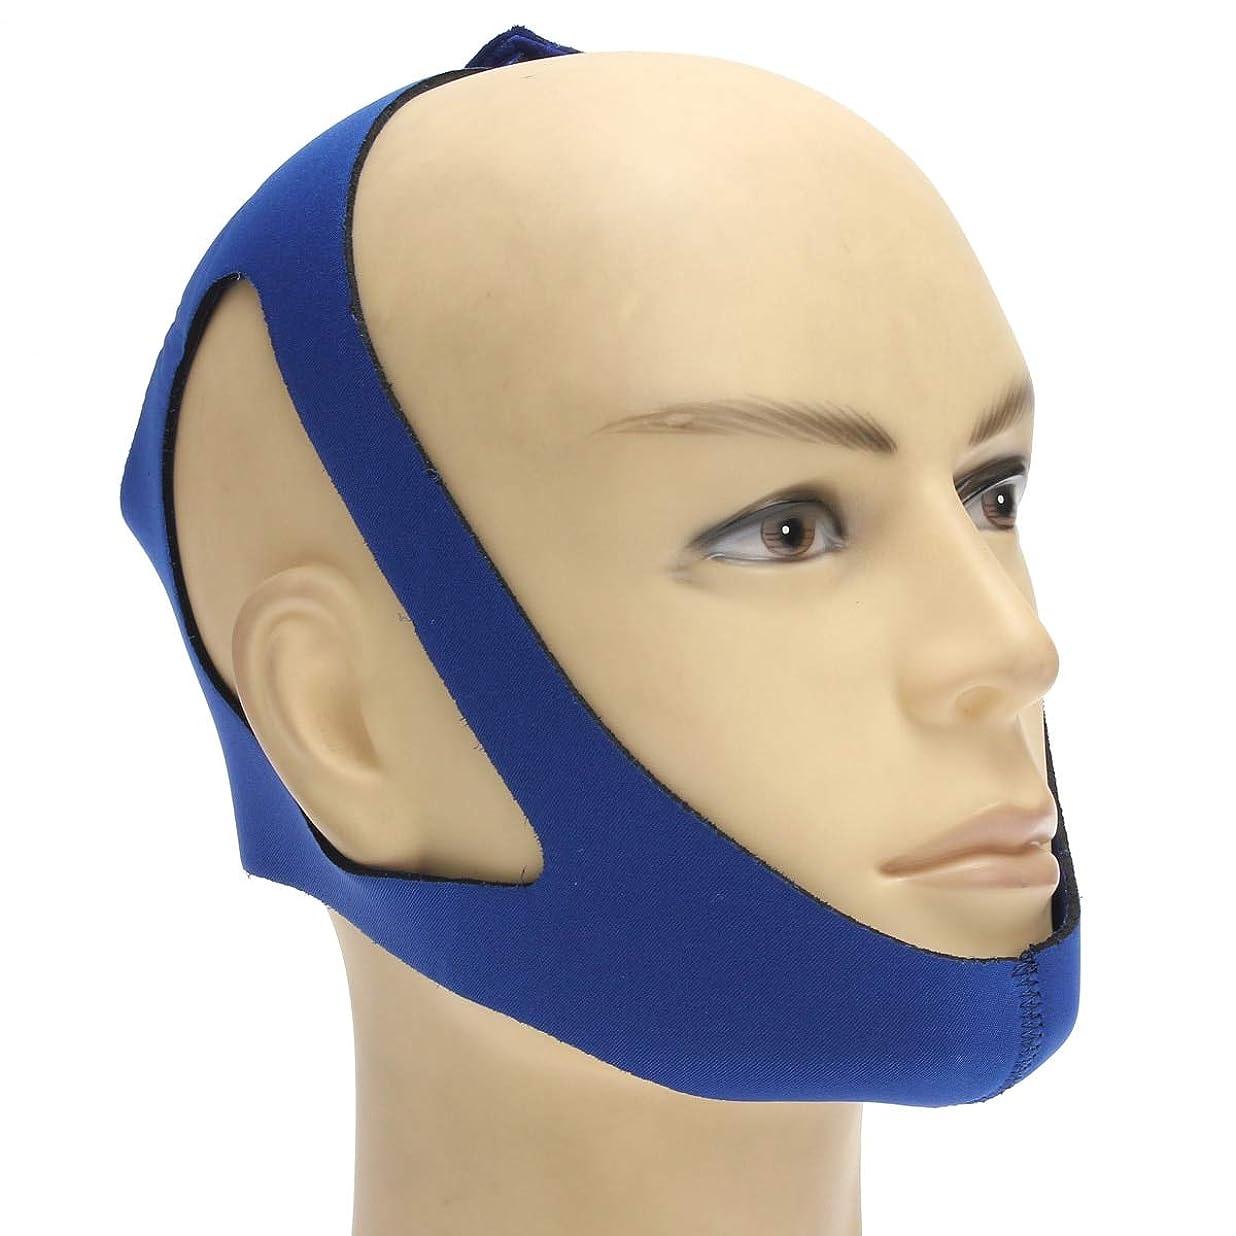 腹部楽観弁護人NOTE 抗いびきヘッドバンドいびきベルト停止いびき顎サポートストラップブレースデバイス睡眠マスクヘルスケア睡眠ツール用女性男